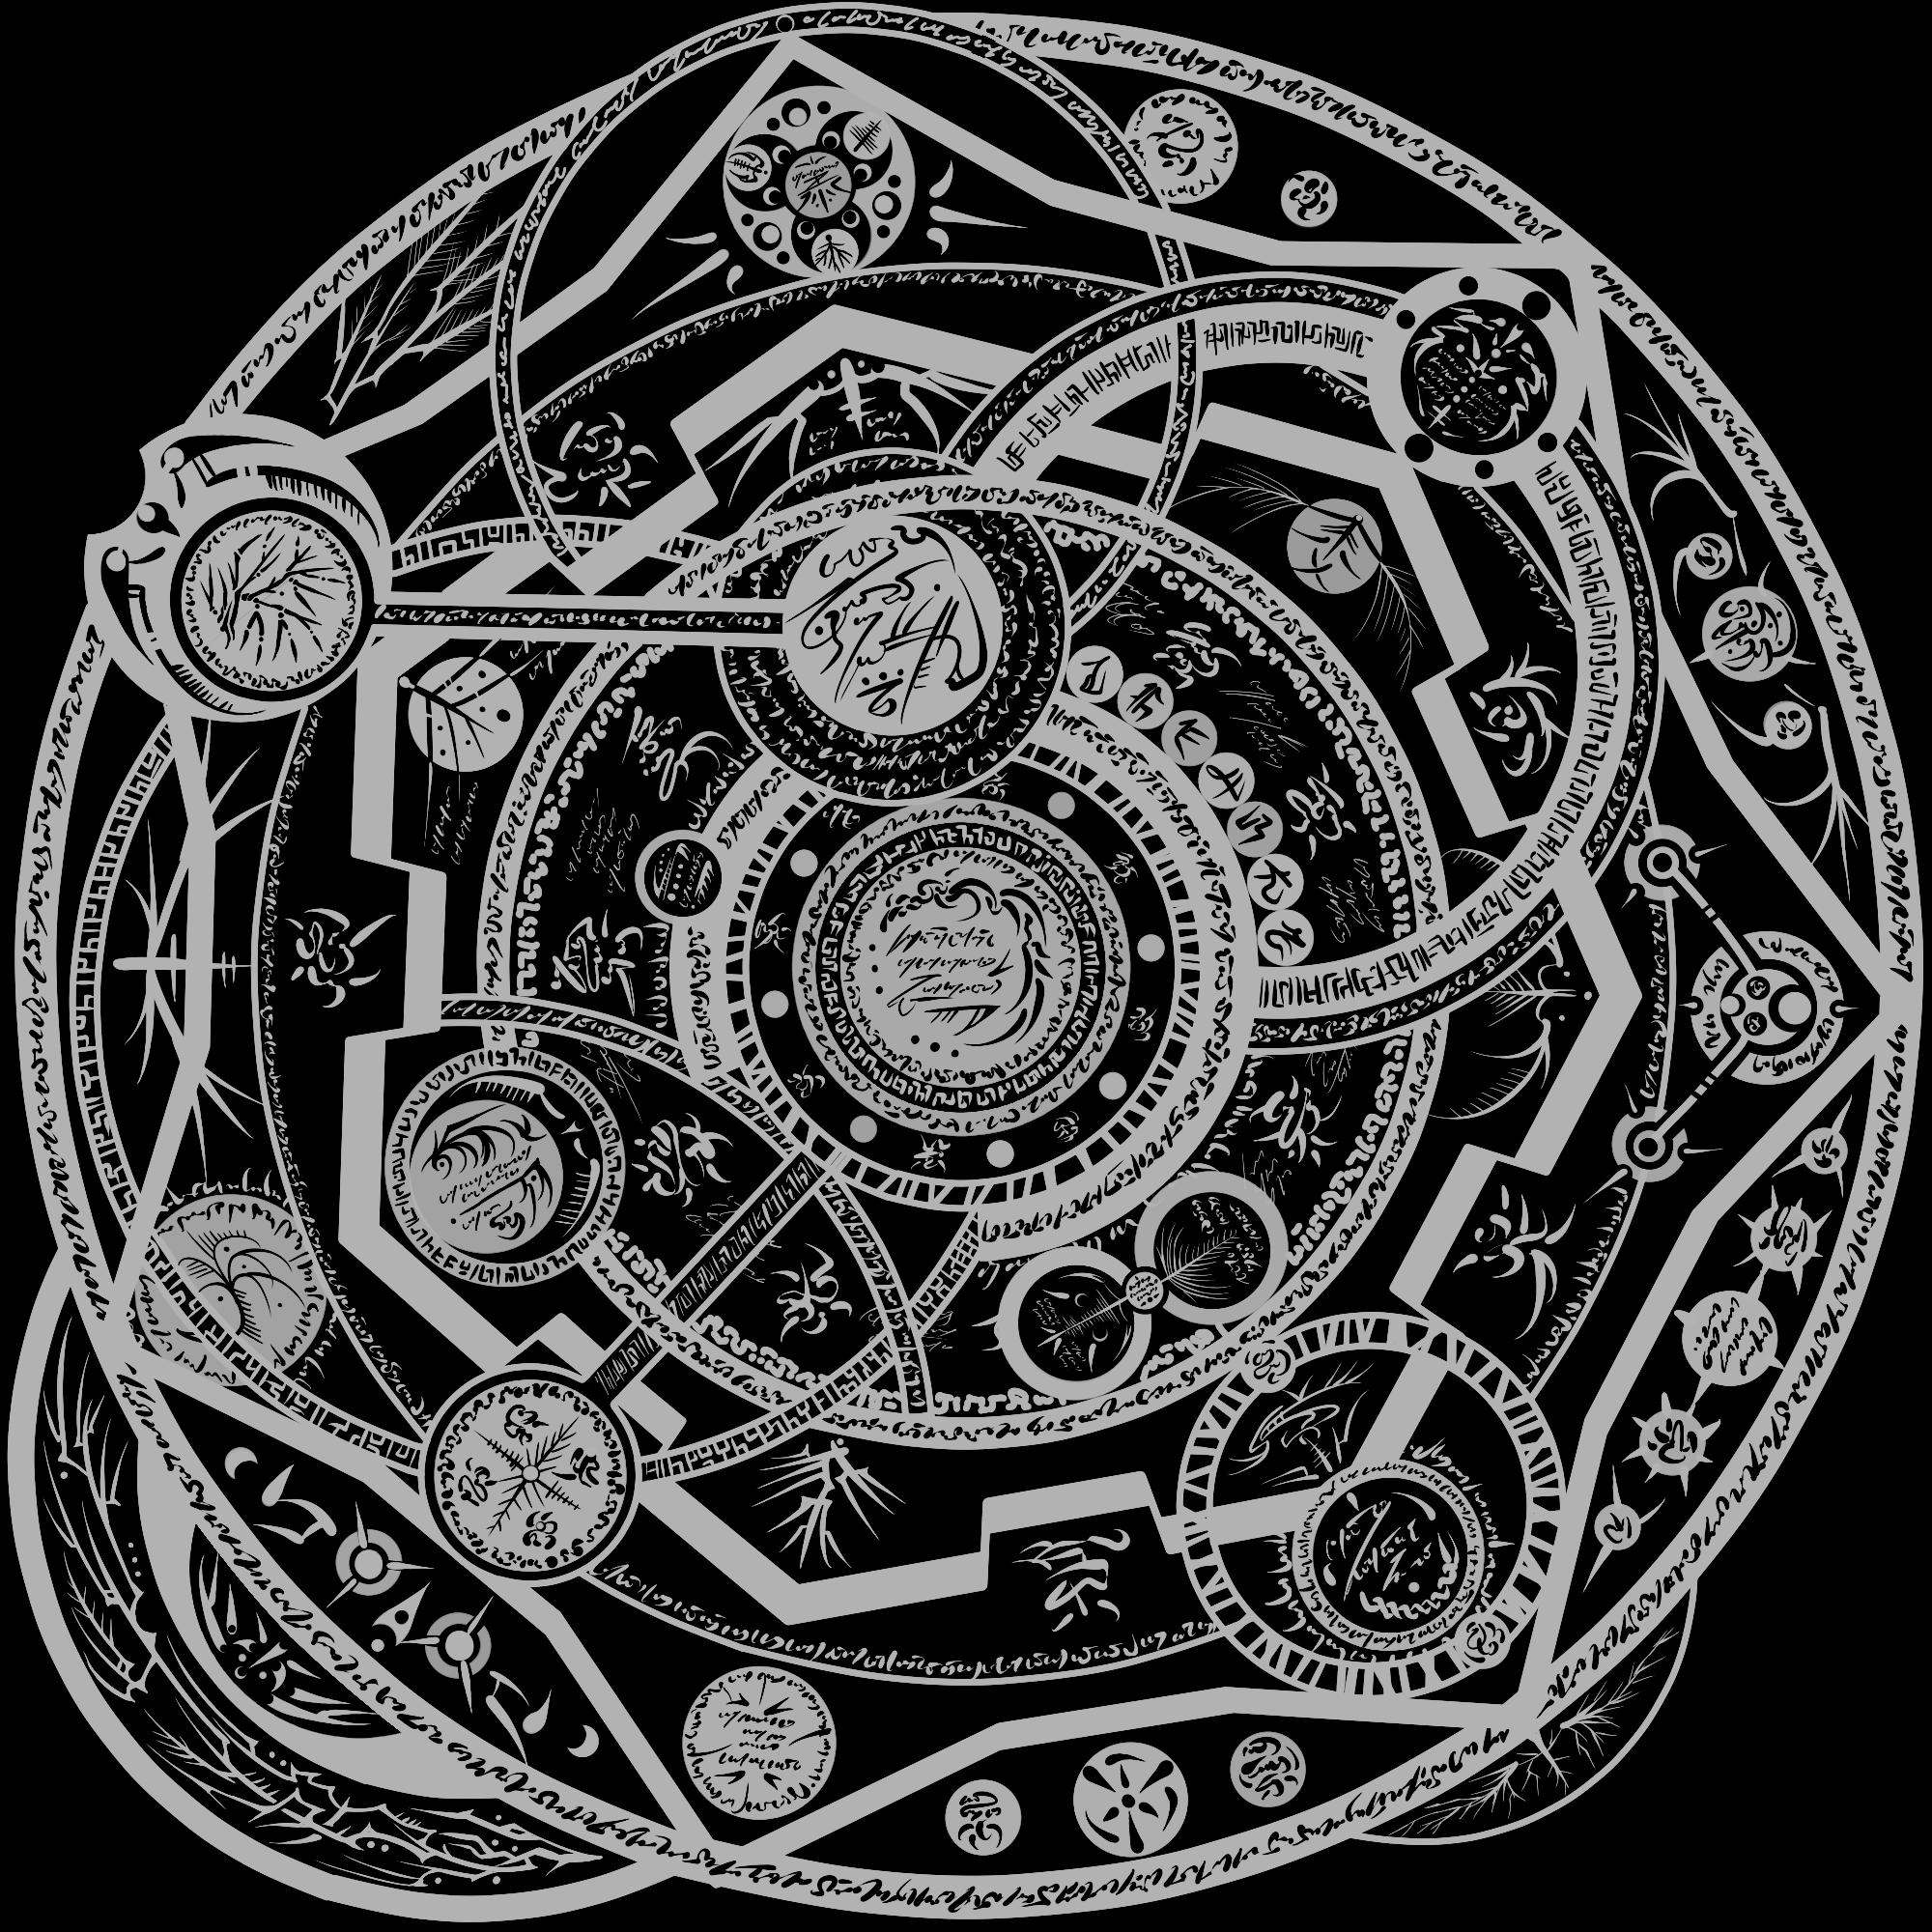 demon summoning sigils - Google Search | Summoning circle ...